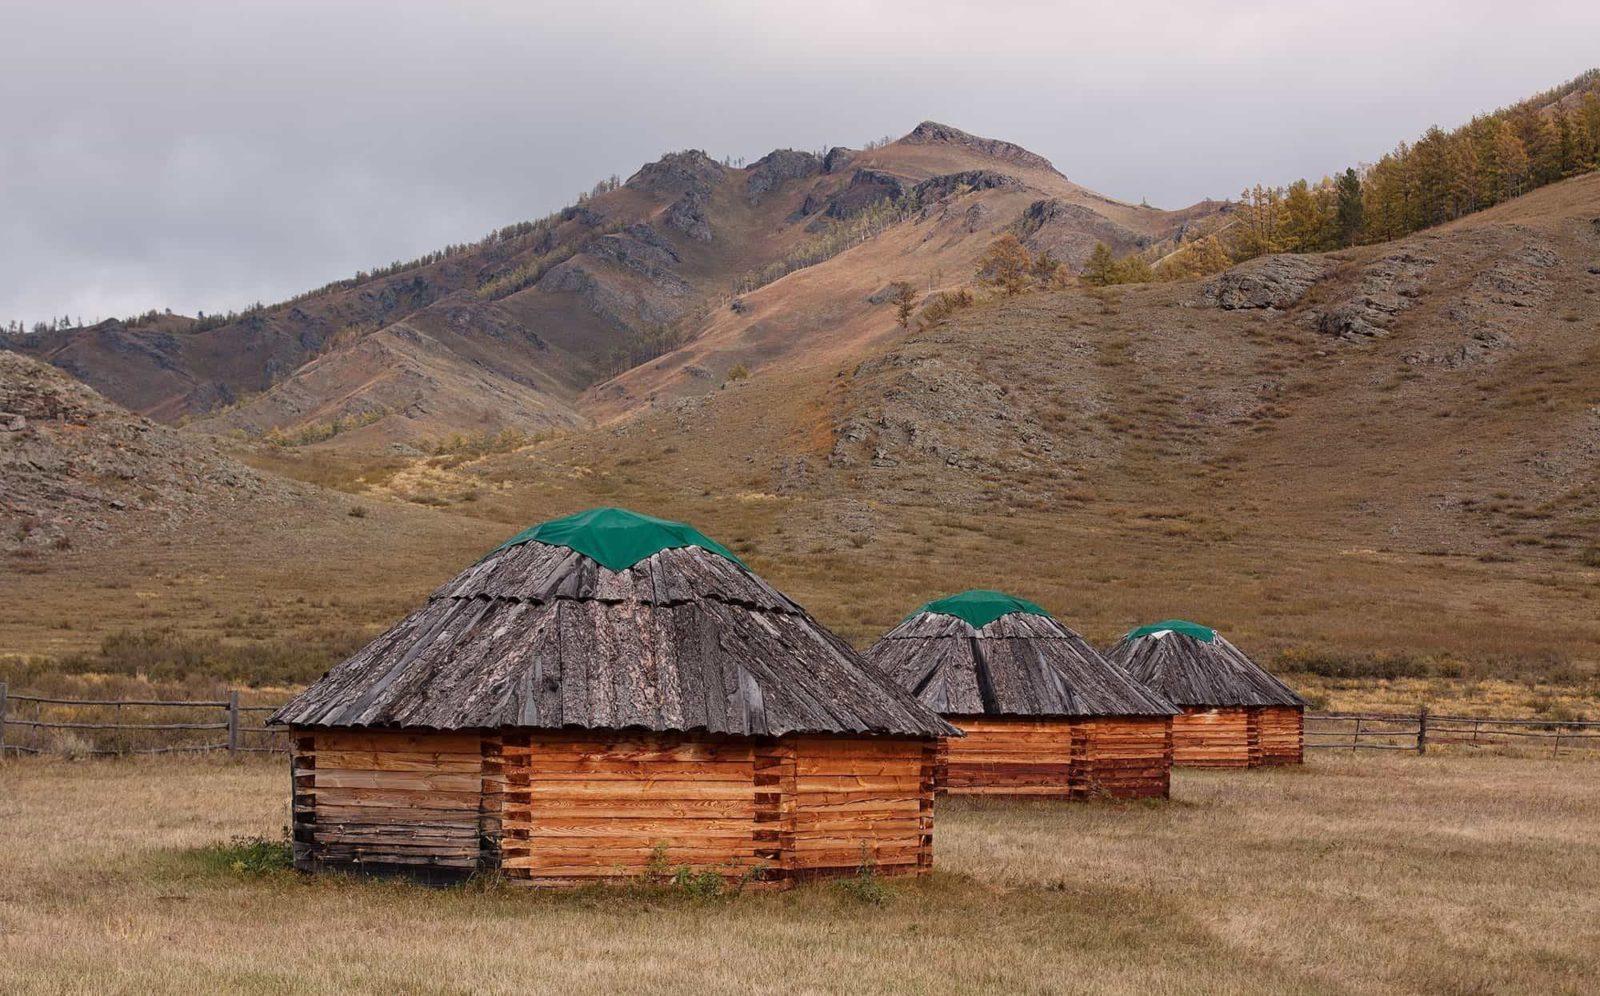 Ethnotur v Sibir 2019 15 1542626497 - Великое Саянское кольцо Этнотур в Сибирь